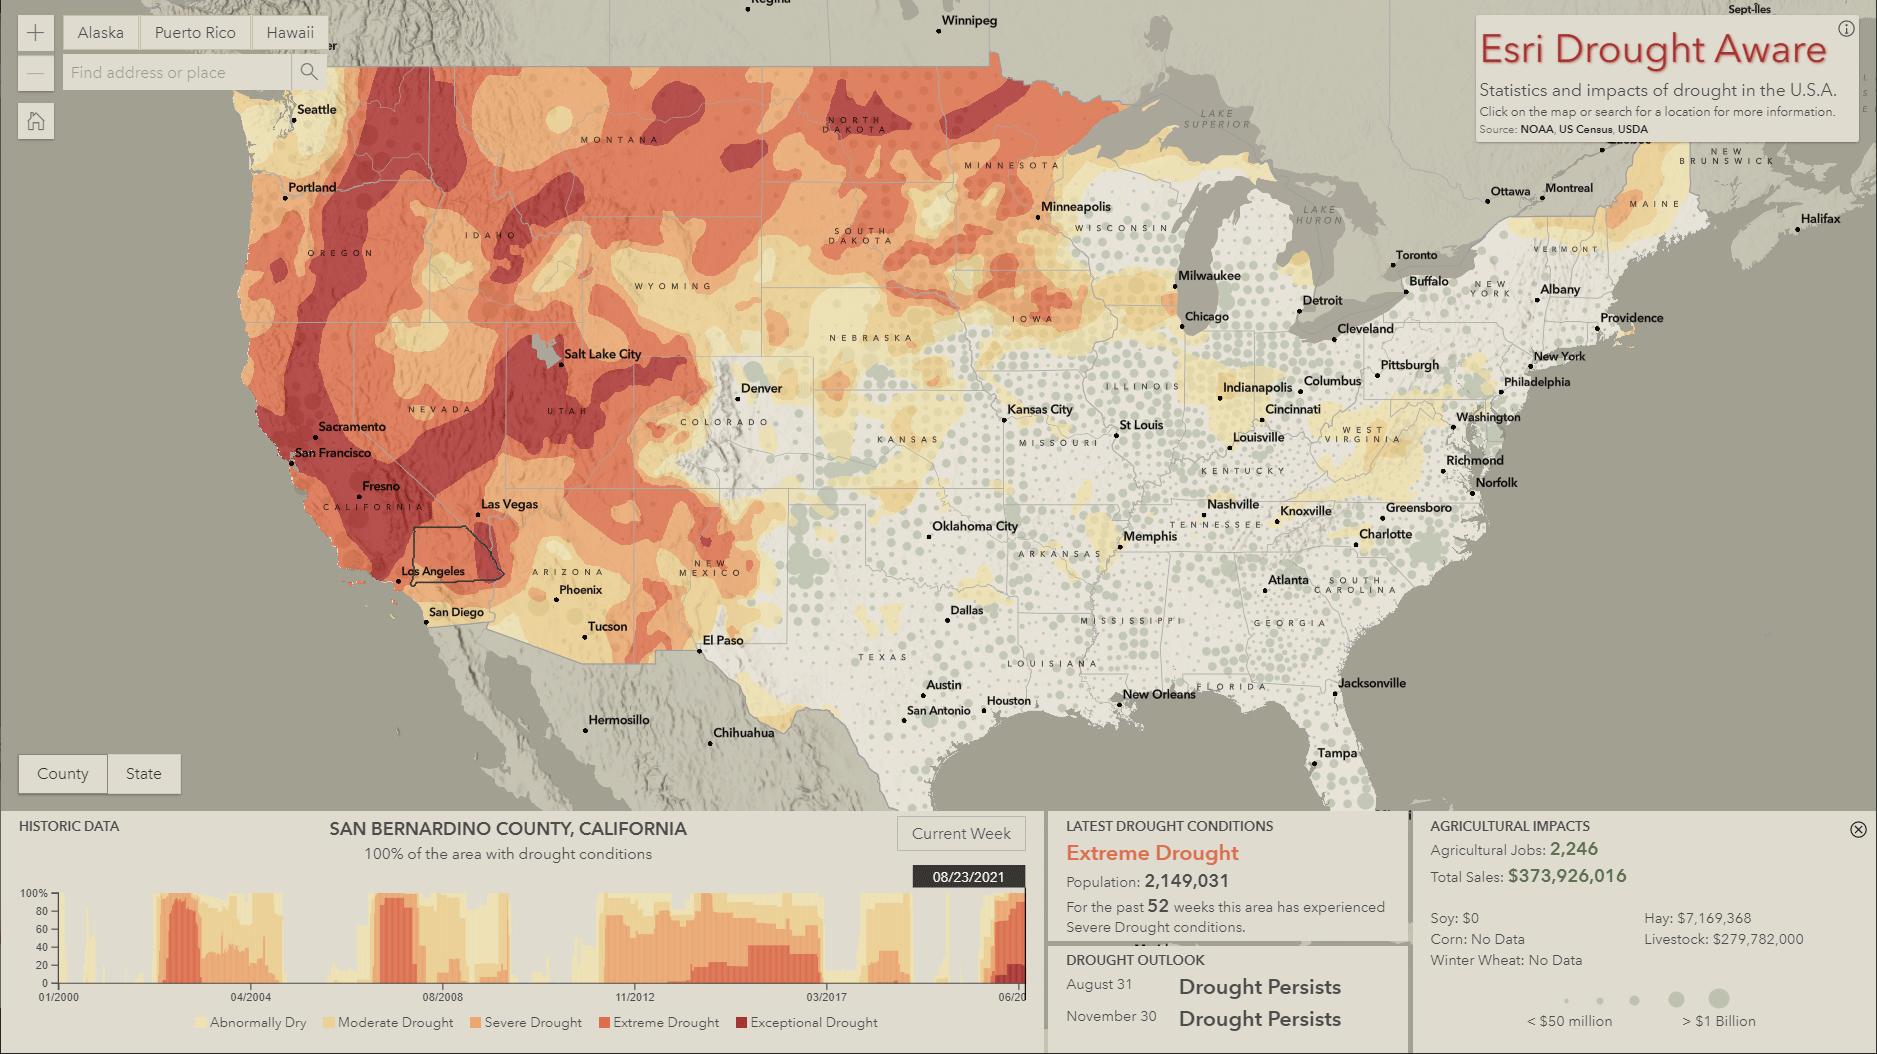 drought aware interface